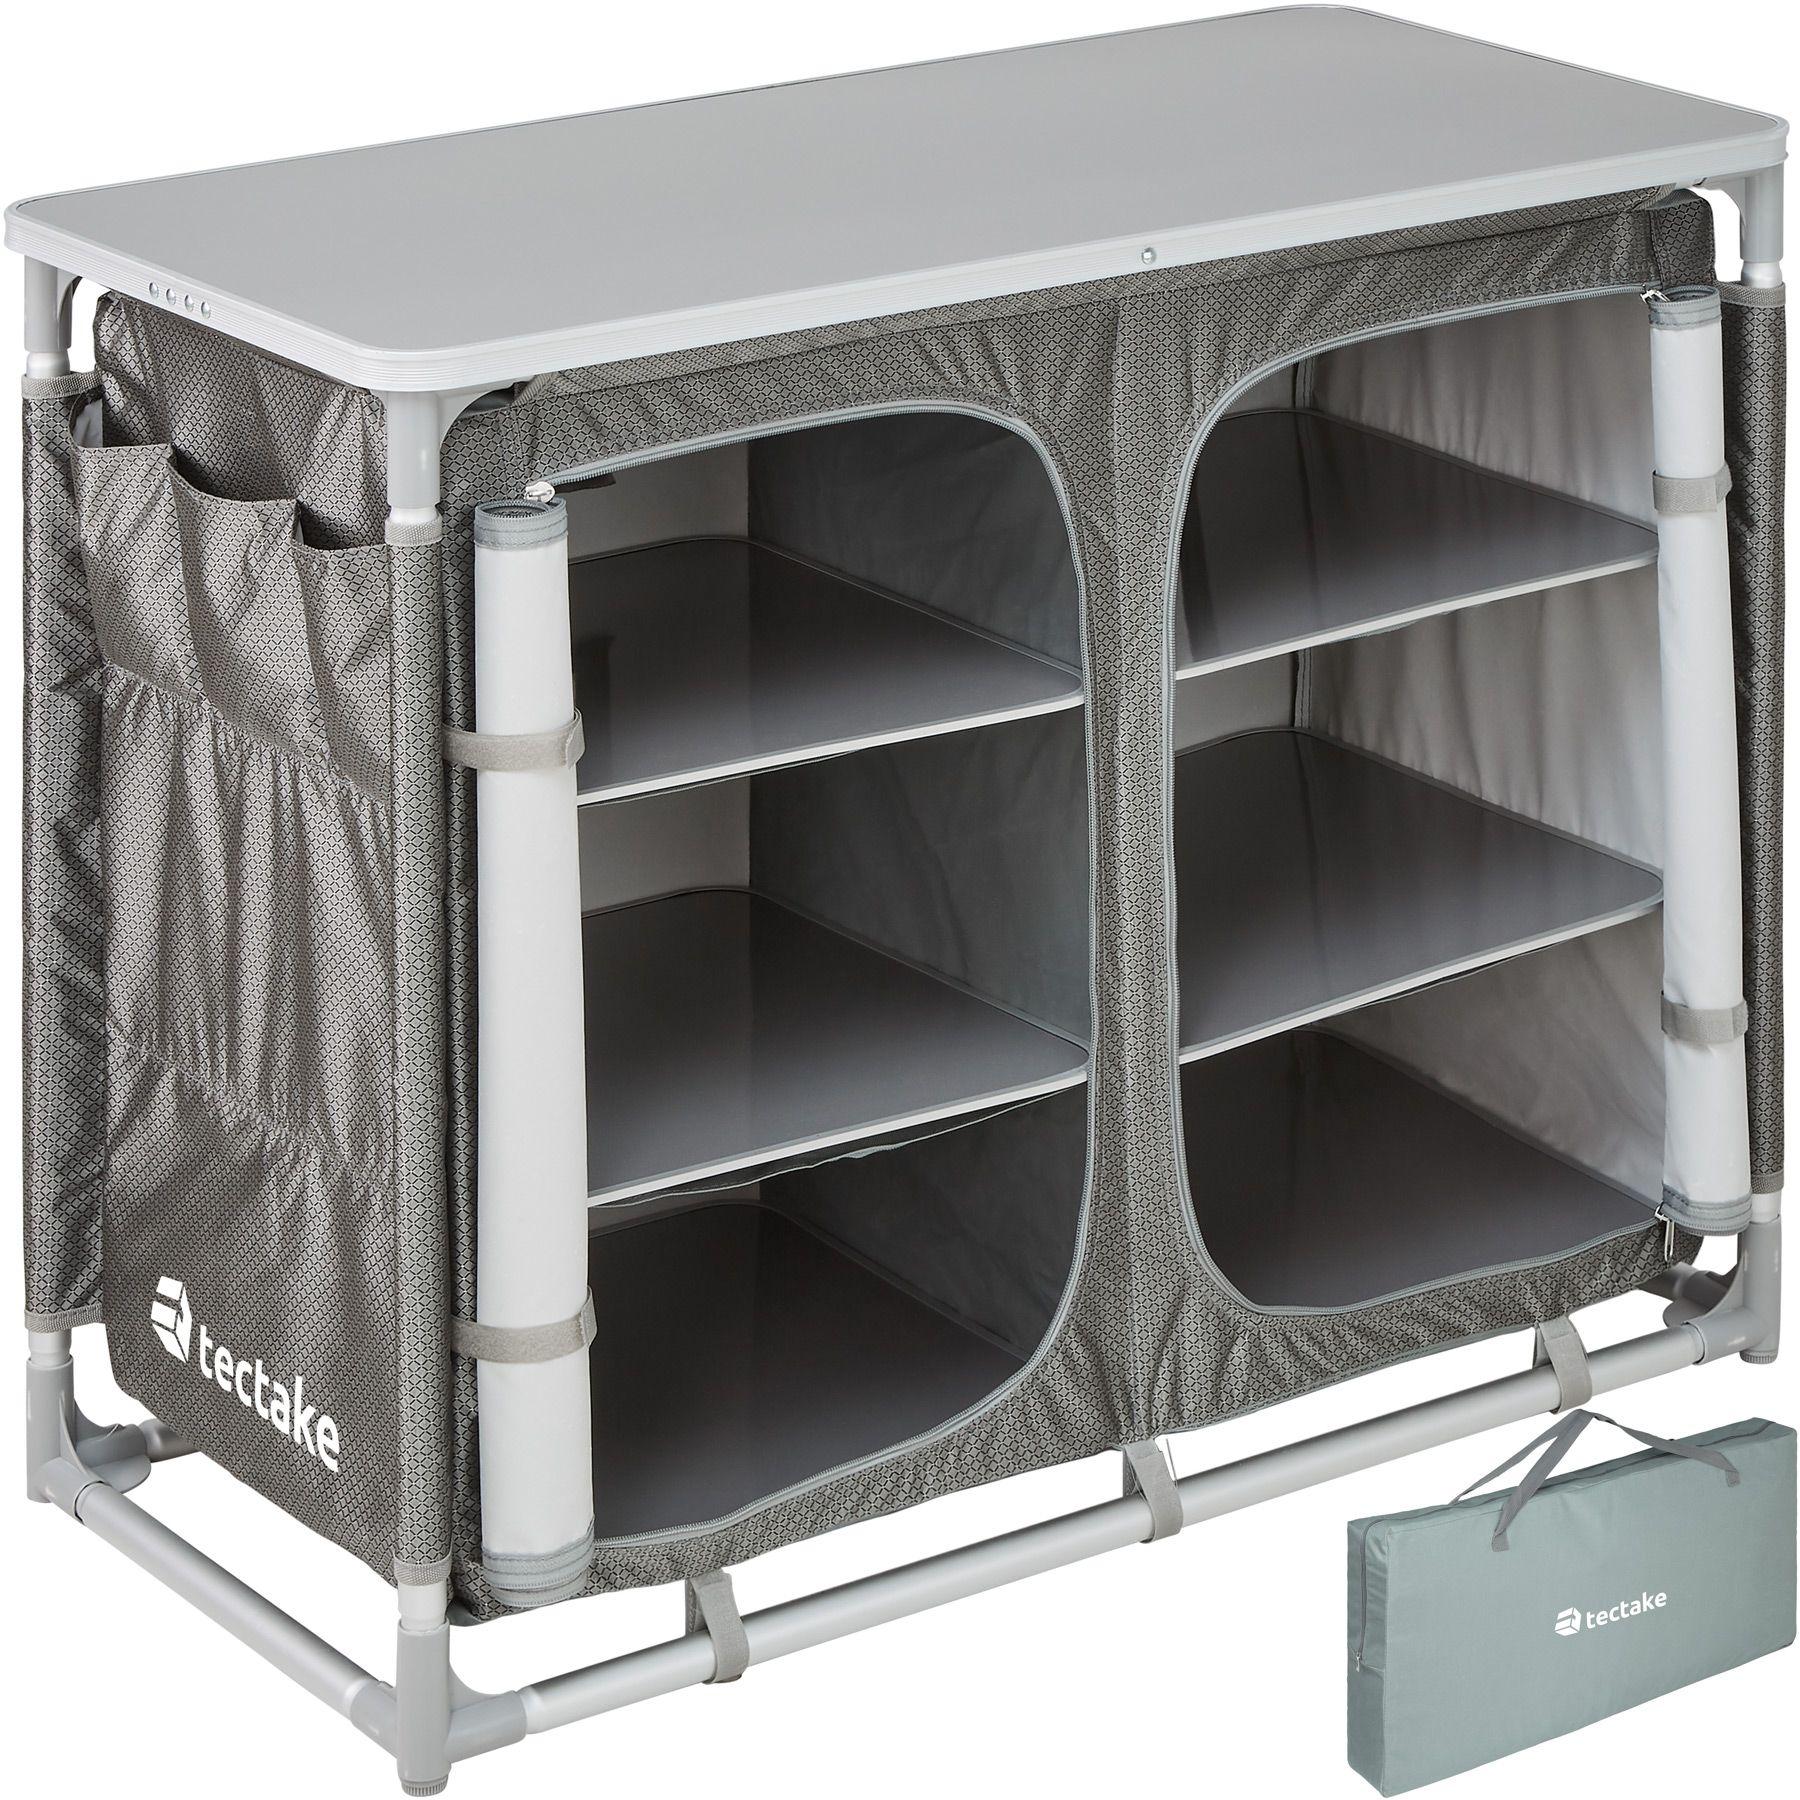 Détails sur Armoire de camping aluminium mobilier cuisine placard table box  jardin pliable